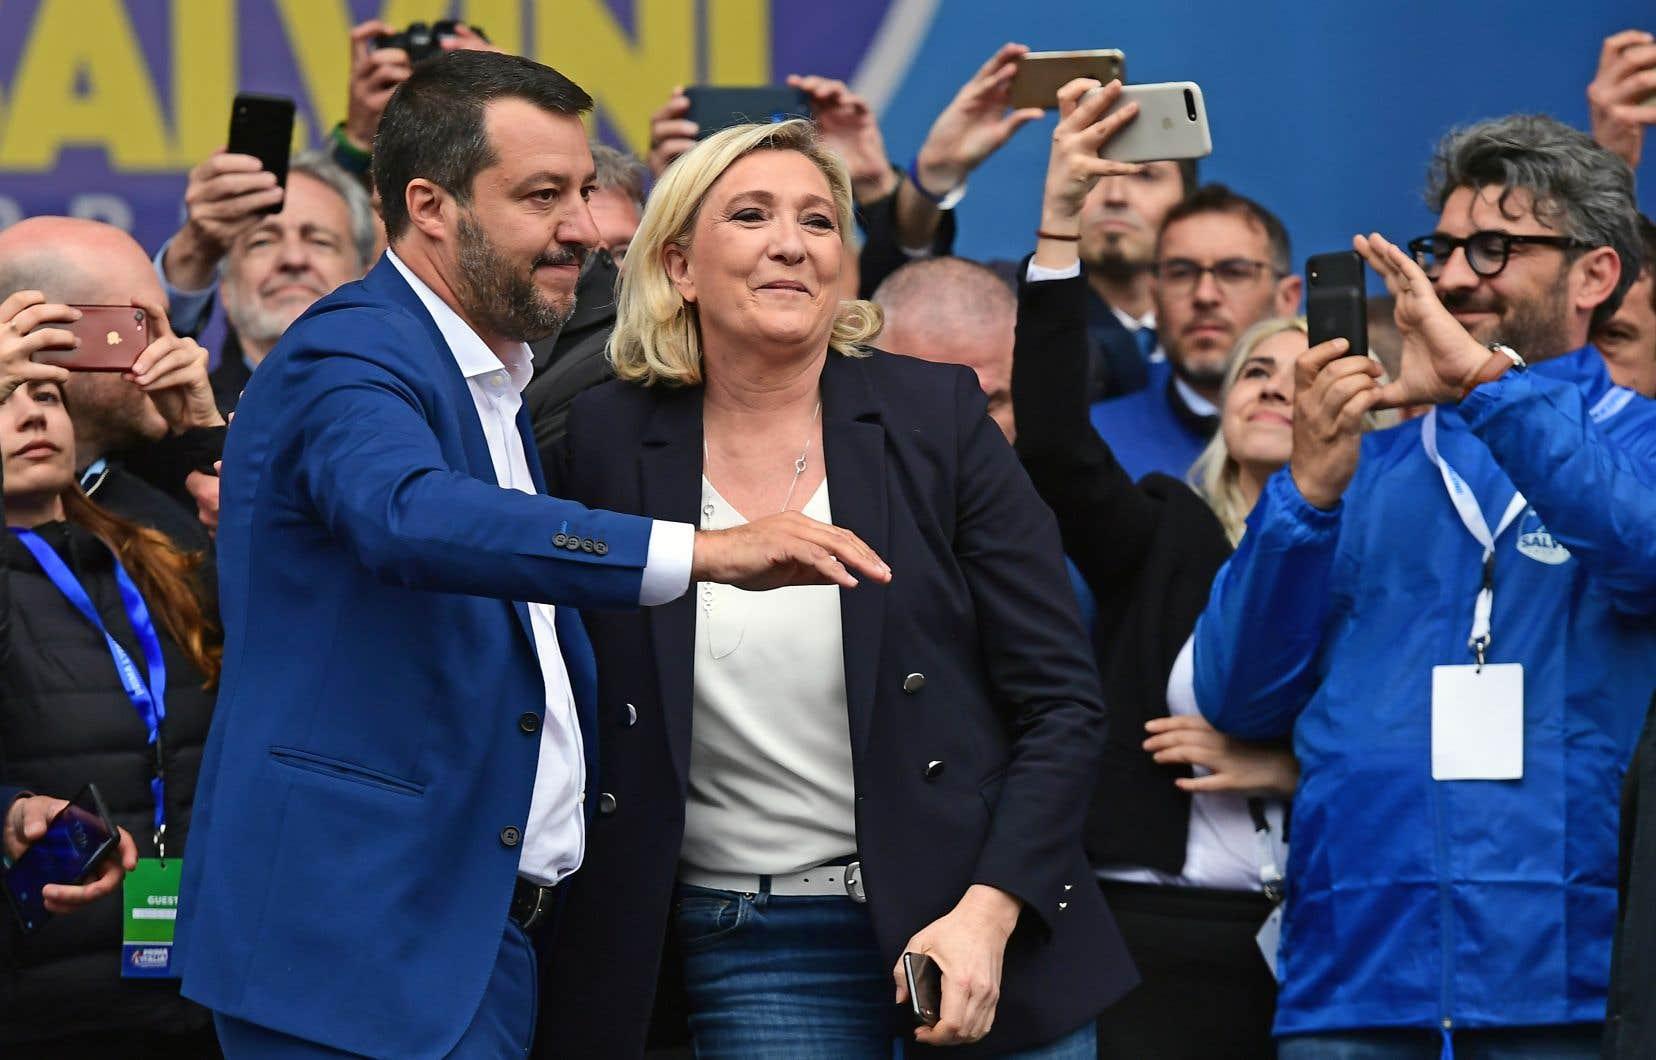 Vraie star de ce rassemblement d'une douzaine de partis de la droite nationaliste auquel assistait Marine Le Pen, Matteo Salvini a multiplié les références à la religion catholique et aux racines judéochrétiennes de l'Europe, brandissant un rosaire et invoquant la Vierge Marie.